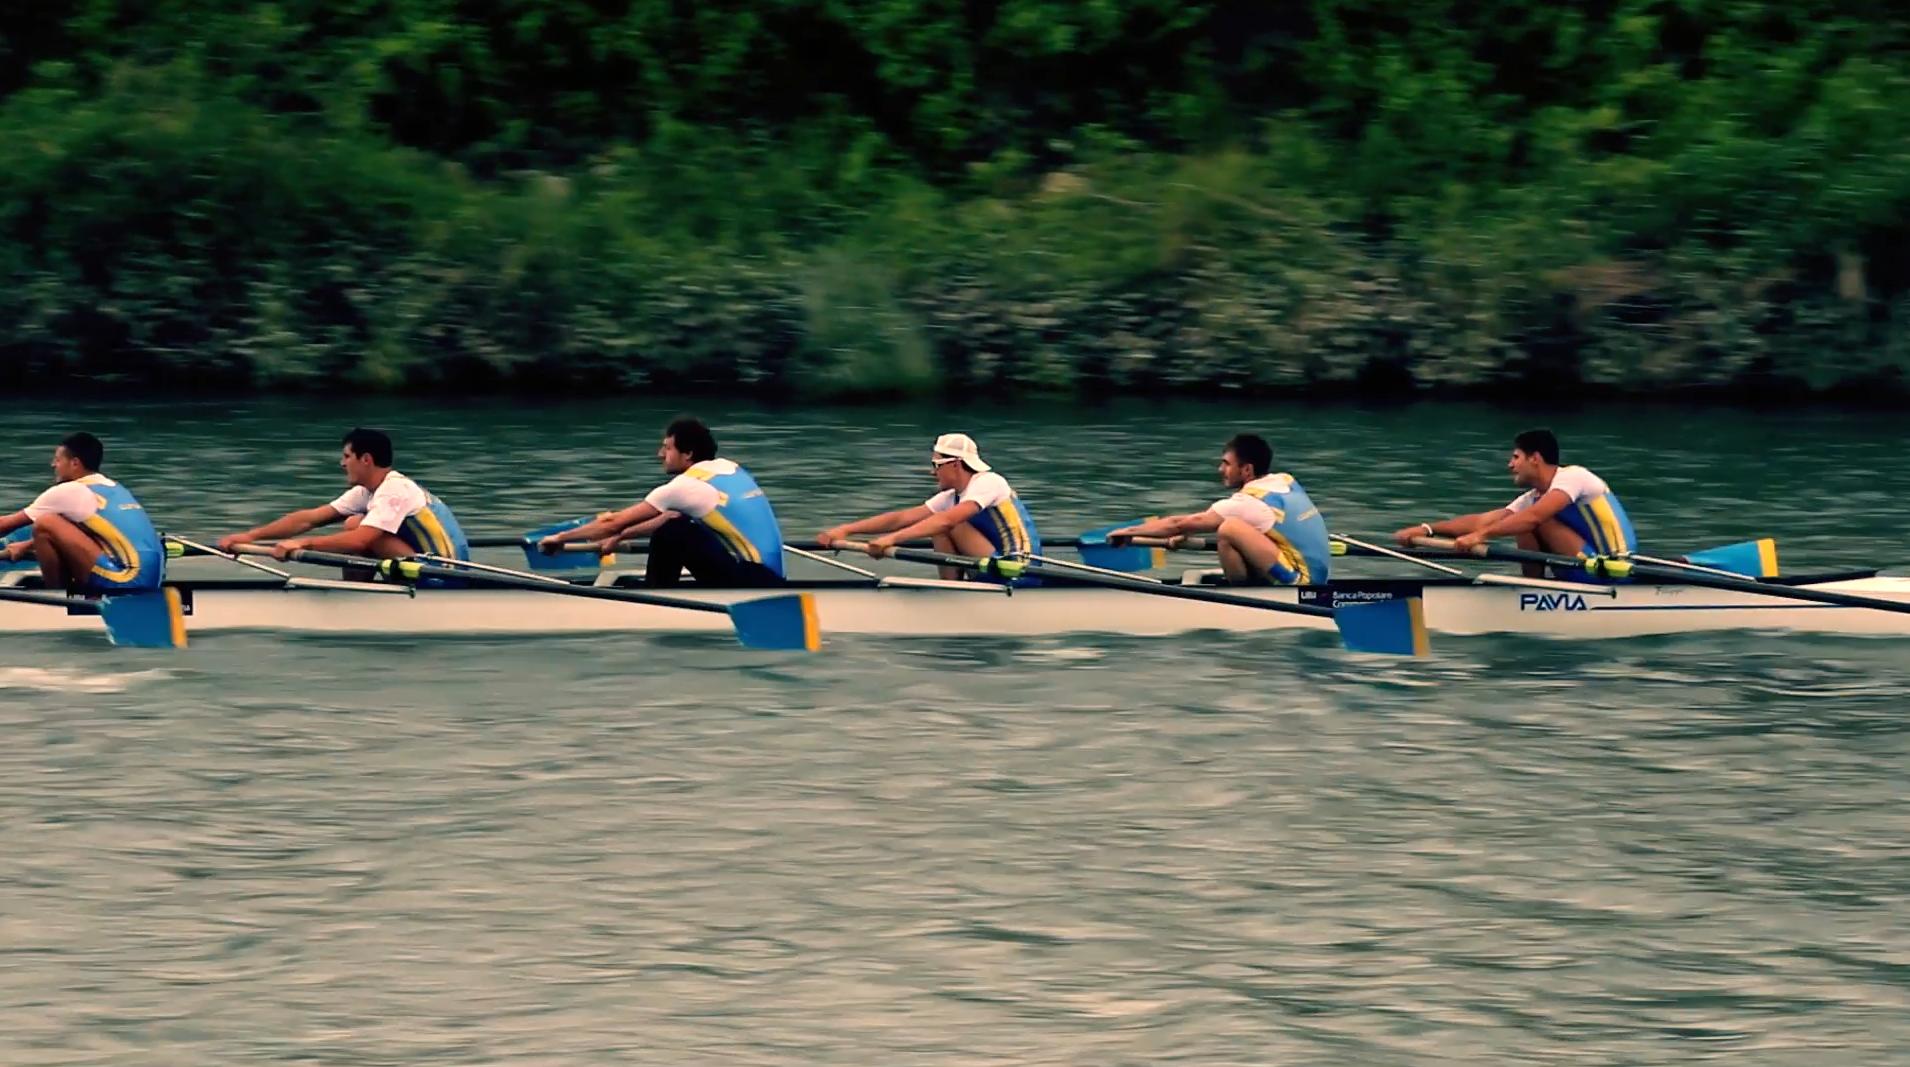 All'Università di Pavia il trofeo della 53esima regata Pavia-Pisa (video)